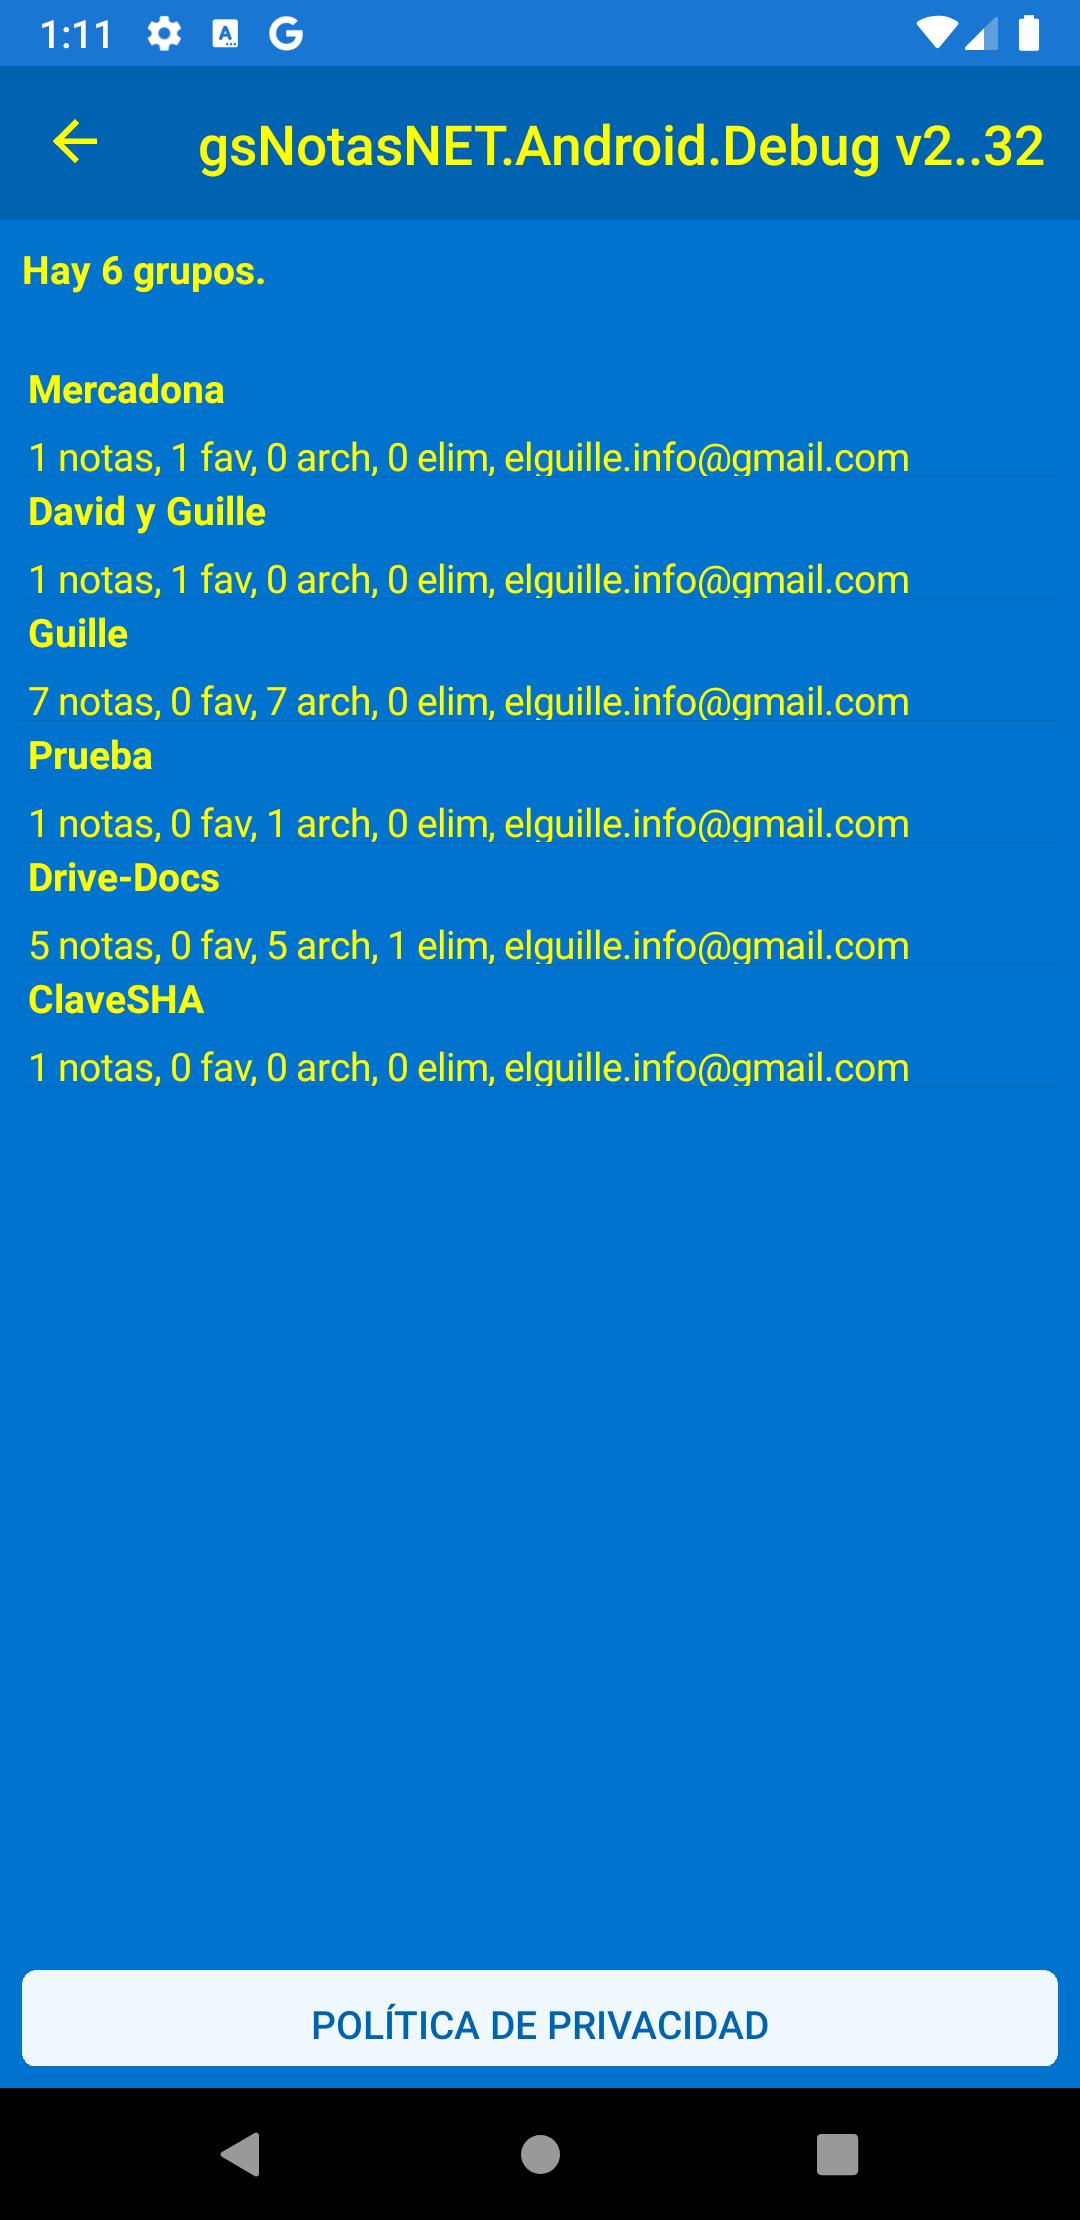 v2.32-Grupos